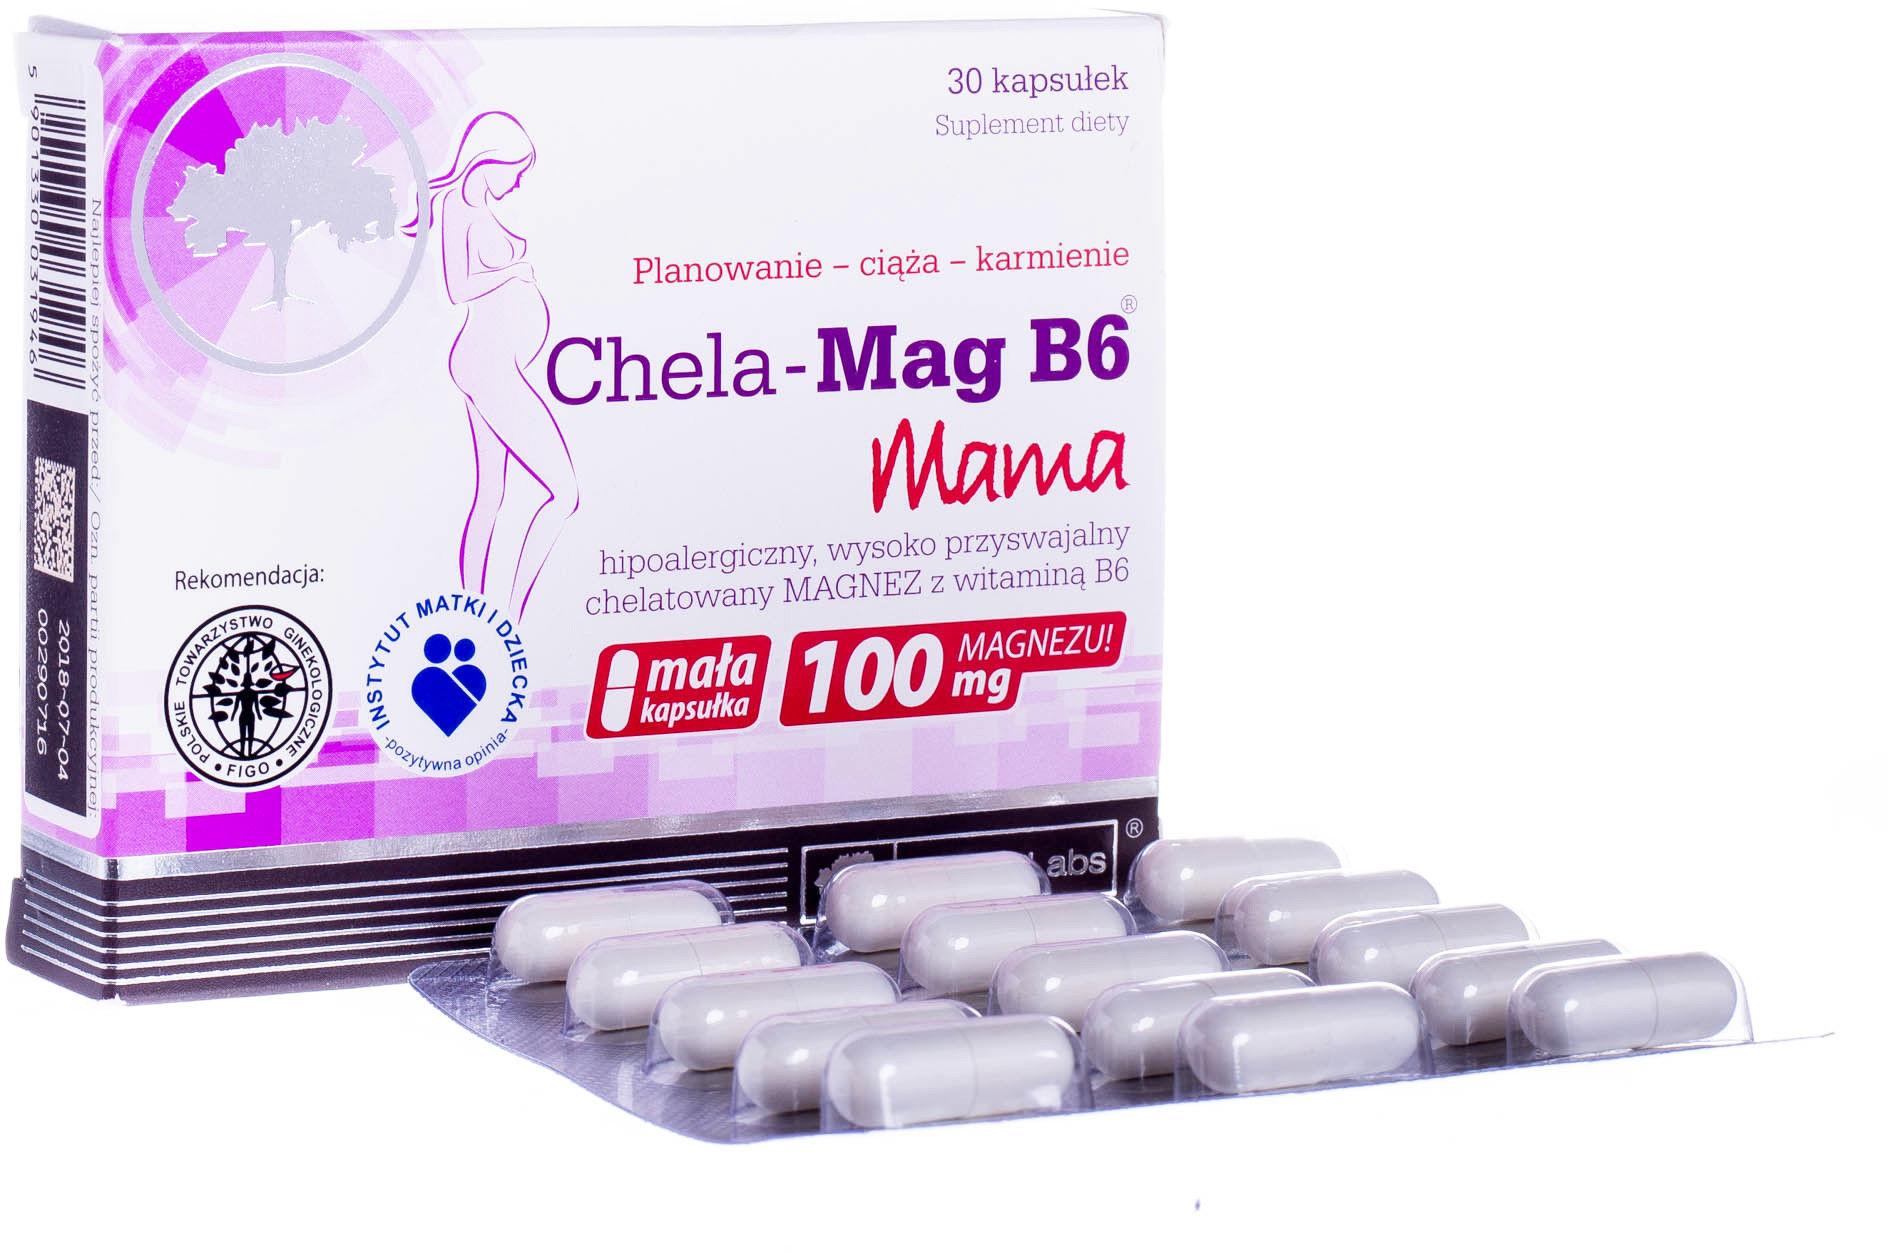 OLIMP CHELA - MAG B6 MAMA DLA KOBIET W CIĄŻY